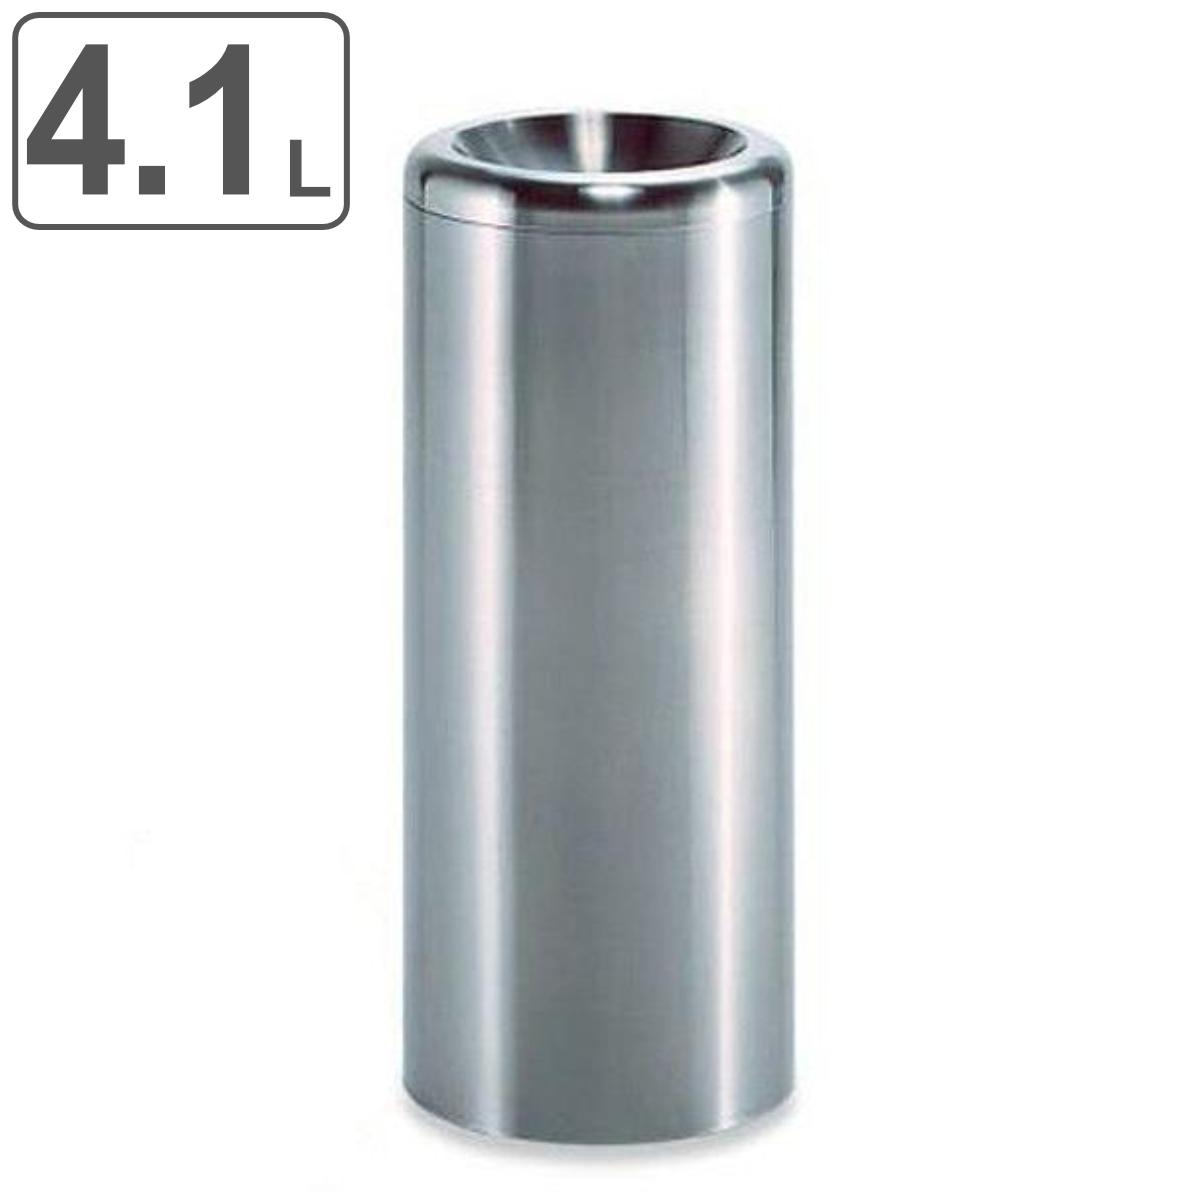 灰皿 スタンド丸型 ステンレス製 4.1L SM-125 ( 送料無料 スモーキングスタンド 吸いがら入れ ) 【5000円以上送料無料】